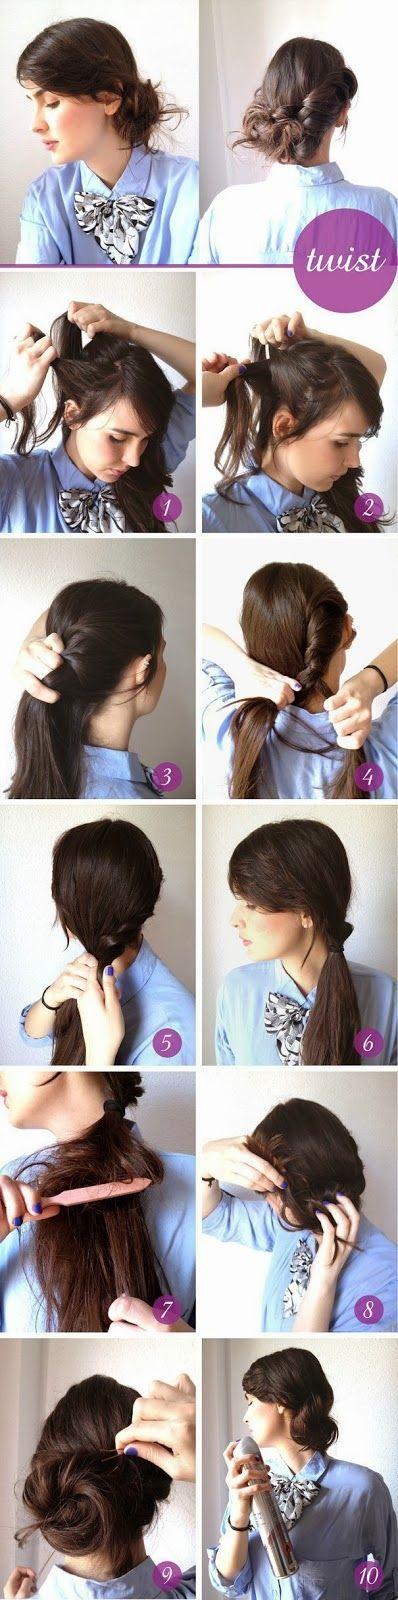 Amazing Braided Bun Hairstyles Beehive Hairstyle And Bun Hairstyles On Short Hairstyles For Black Women Fulllsitofus